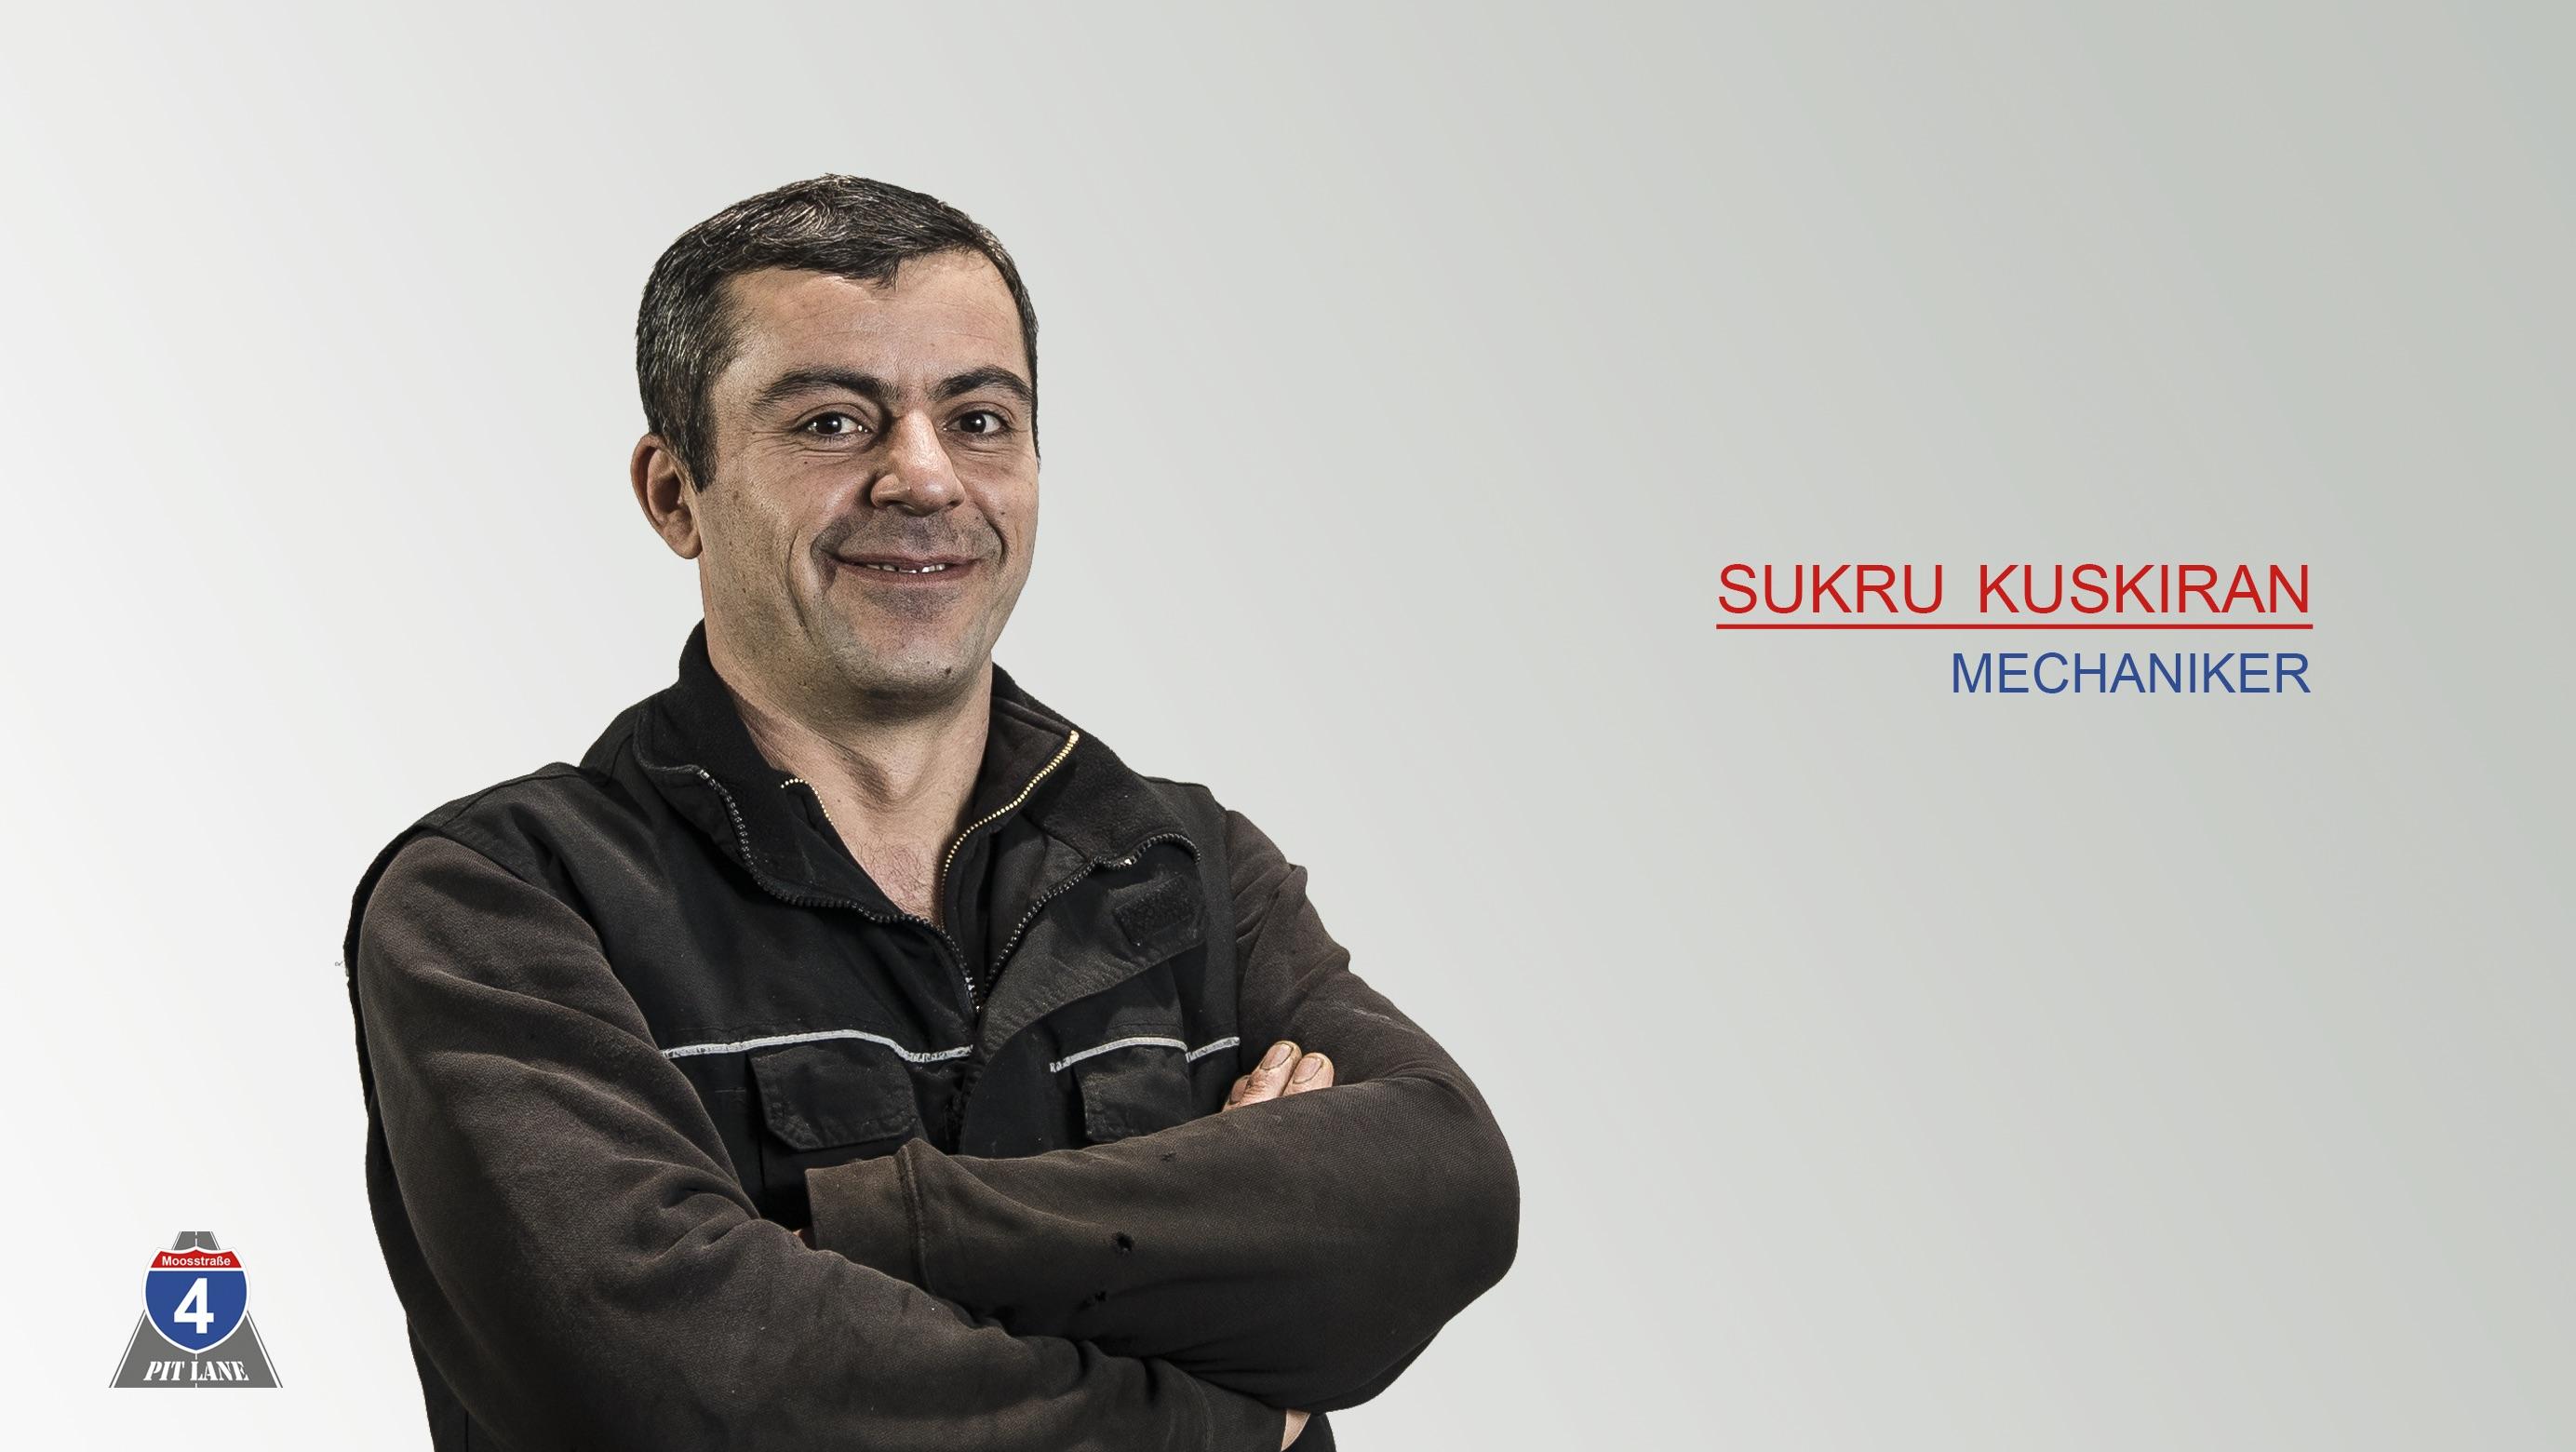 Bild von Sükrü Kuskiran